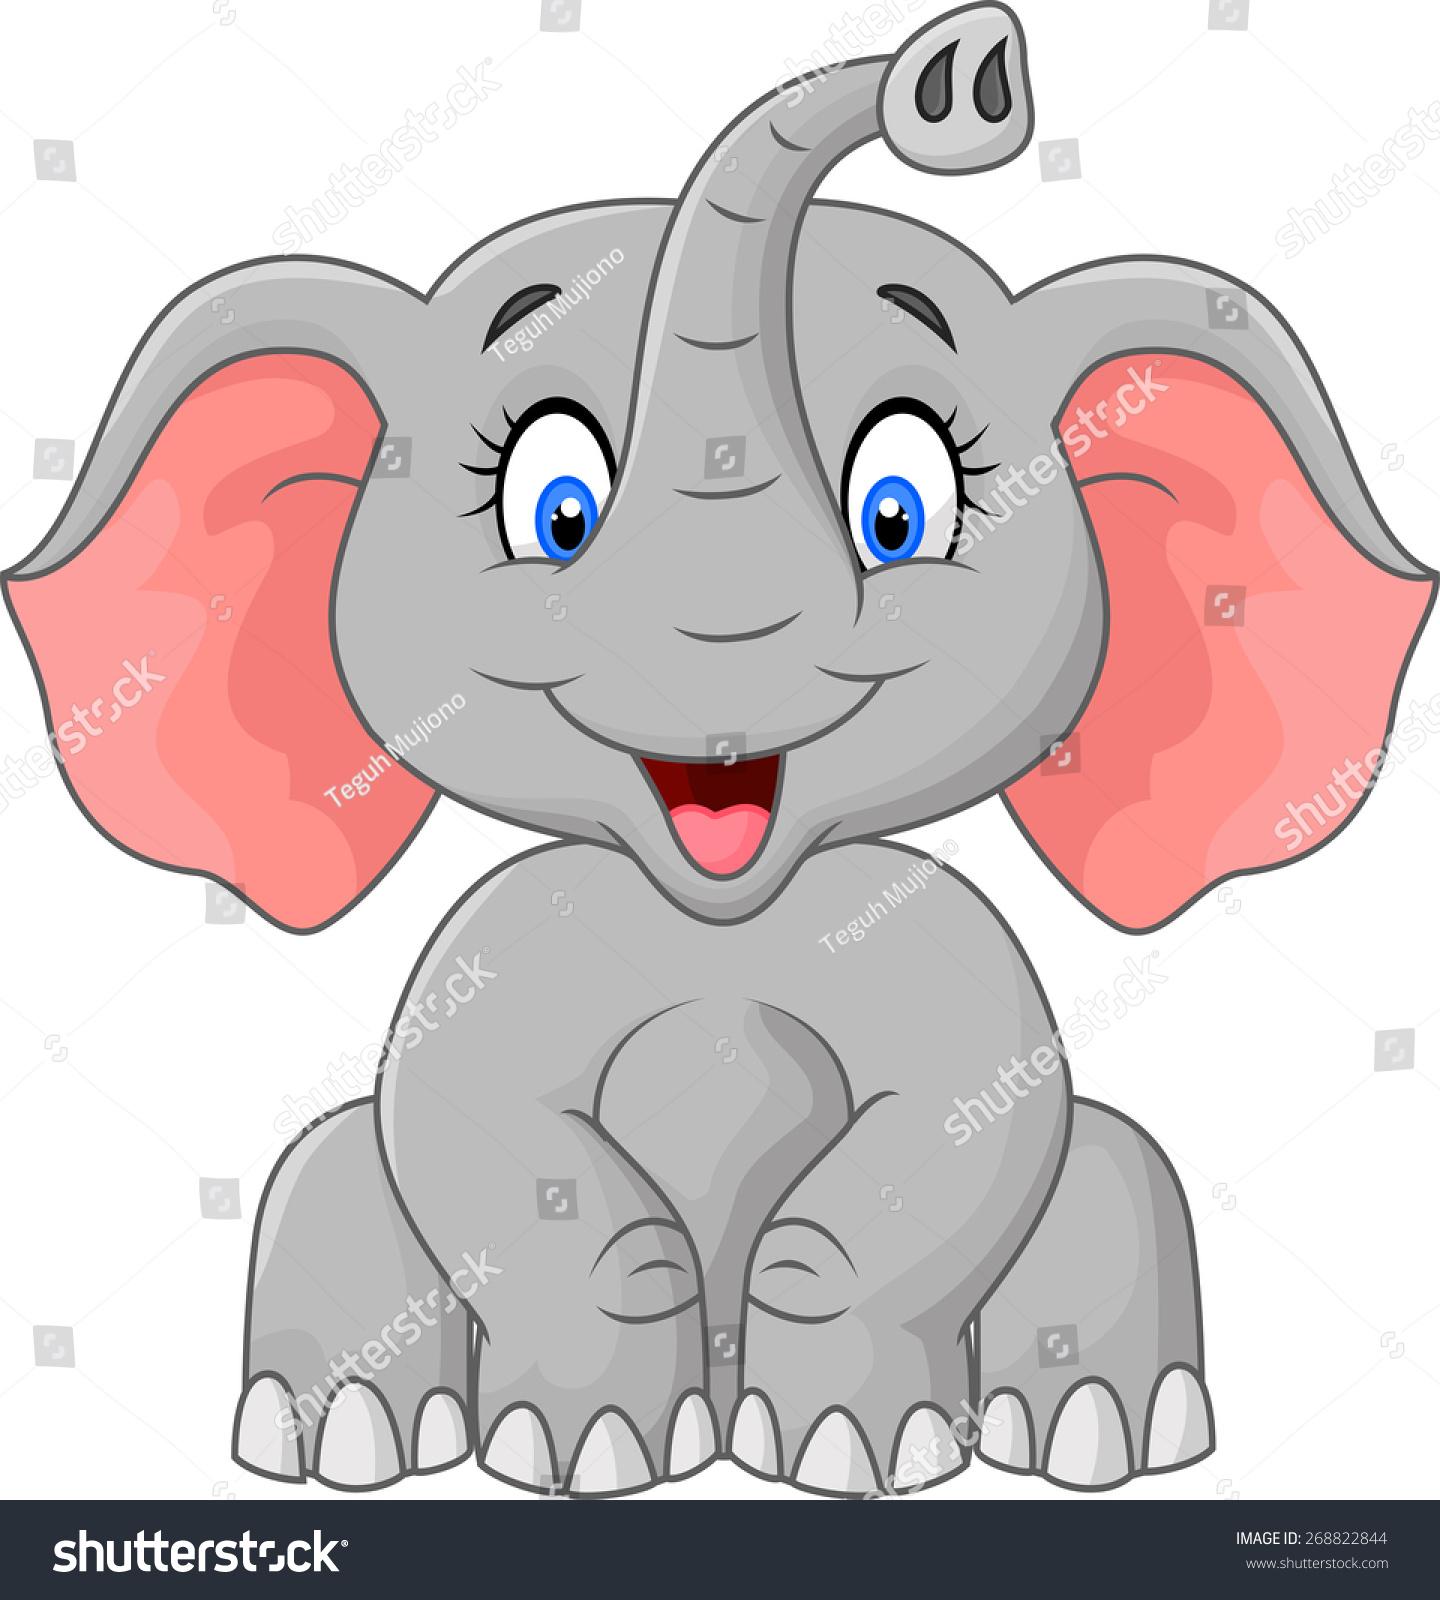 可爱的大象卡通坐-动物/野生生物-海洛创意(hellorf)